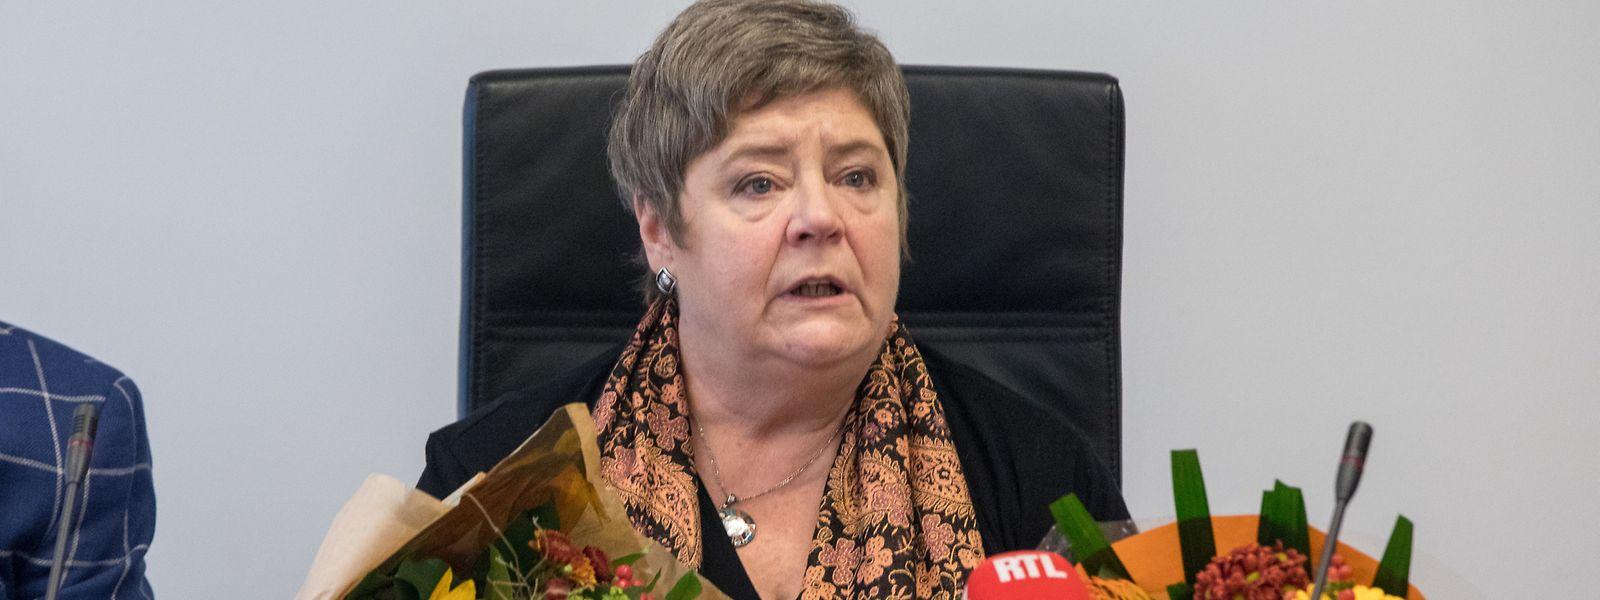 Christiane Brassel-Rausch a assuré aux conseillers vouloir travailler avec tous les partis.